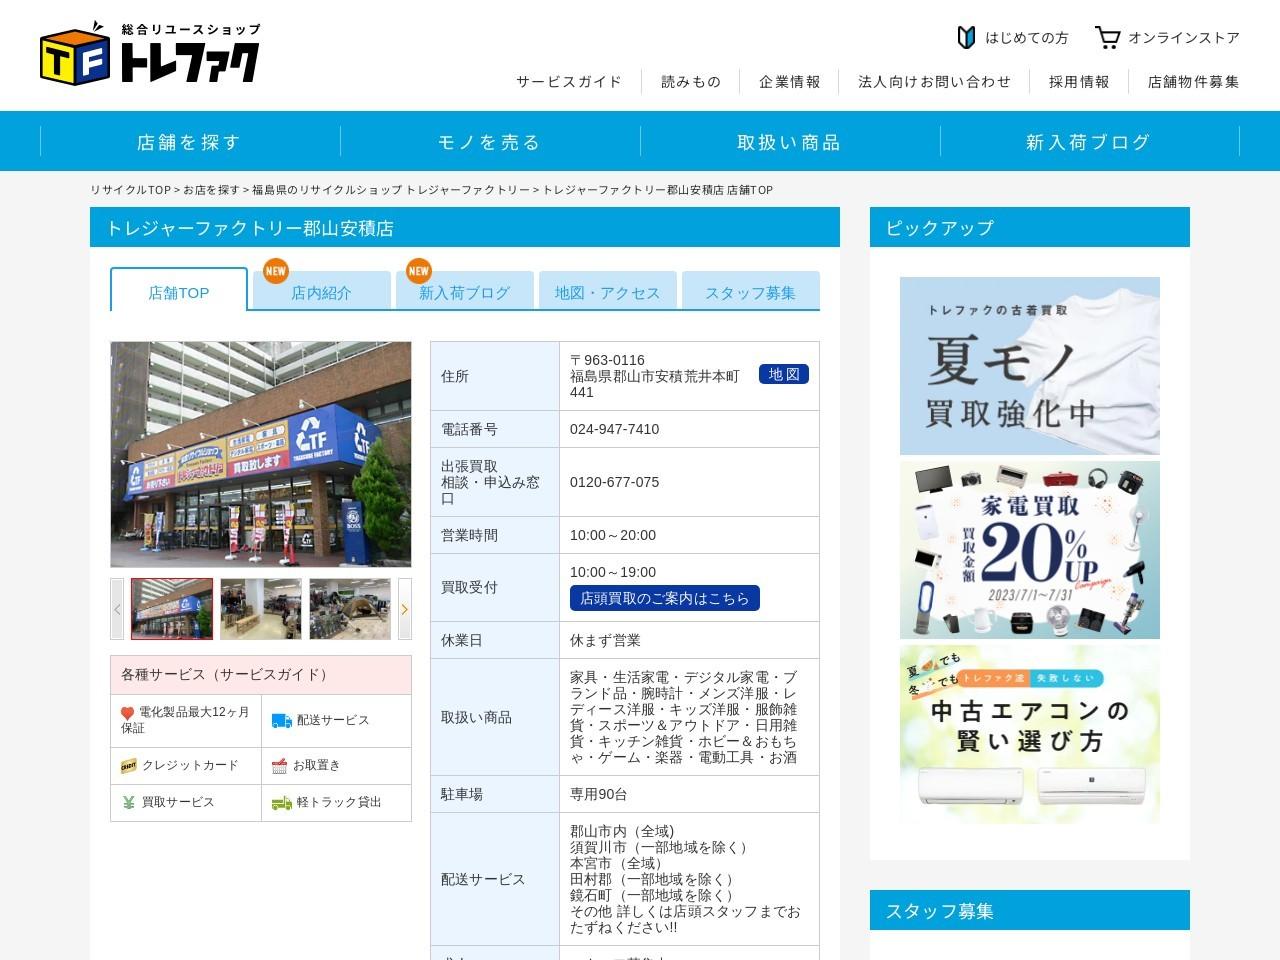 リサイクルショップ トレジャーファクトリー郡山安積店 店舗TOP|福島県郡山市でのリサイクルは当店まで!